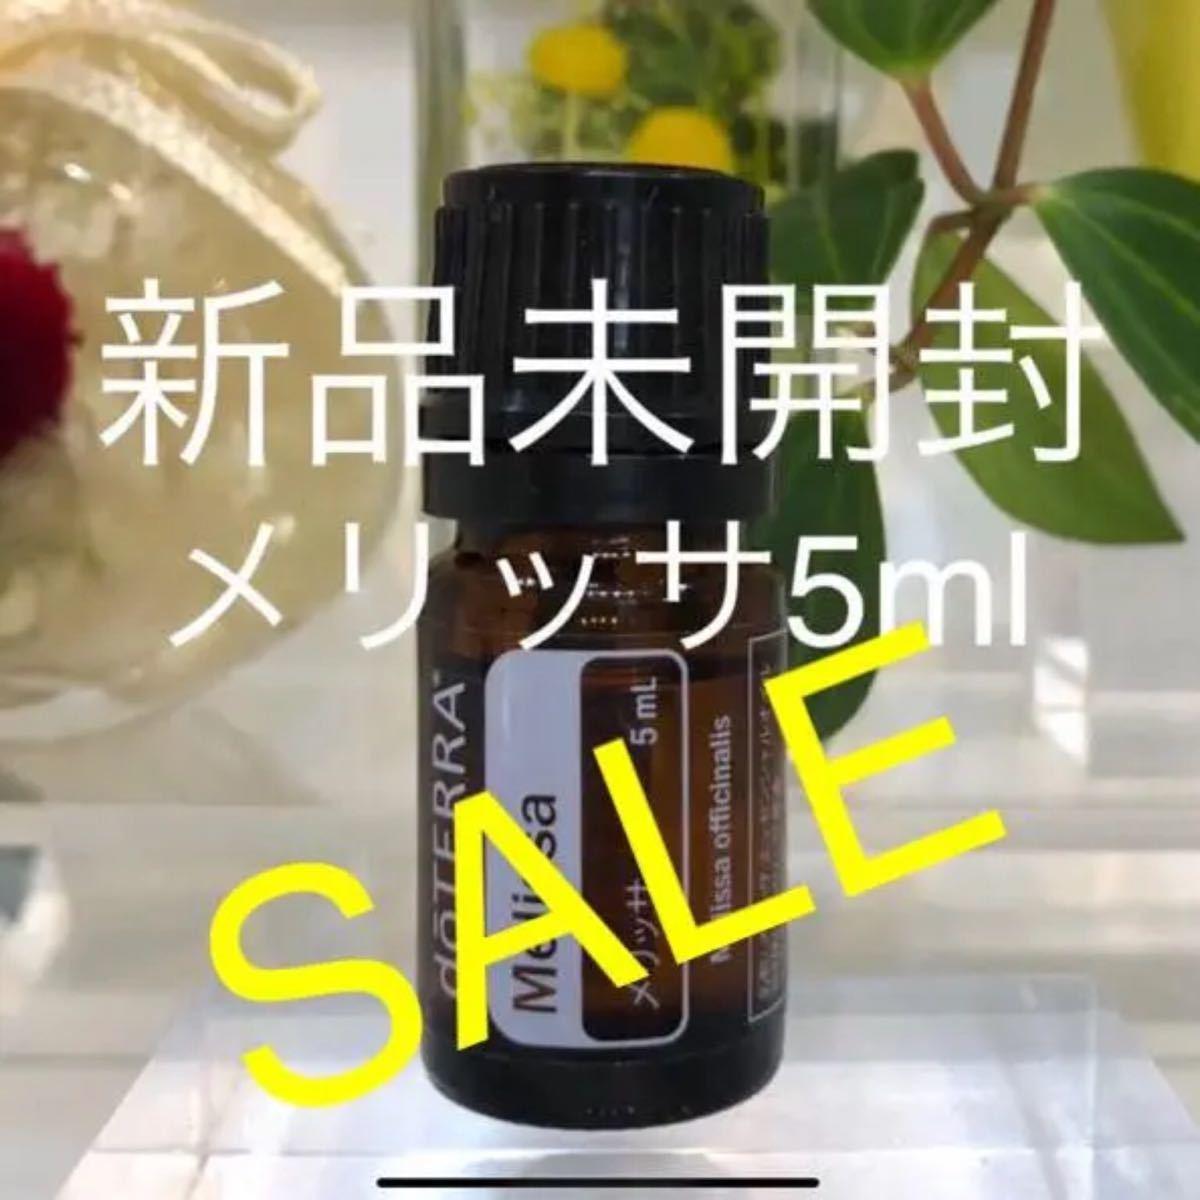 在庫限り!ドテラ★SALE★ メリッサ 5ml ★正規品★新品未開封★